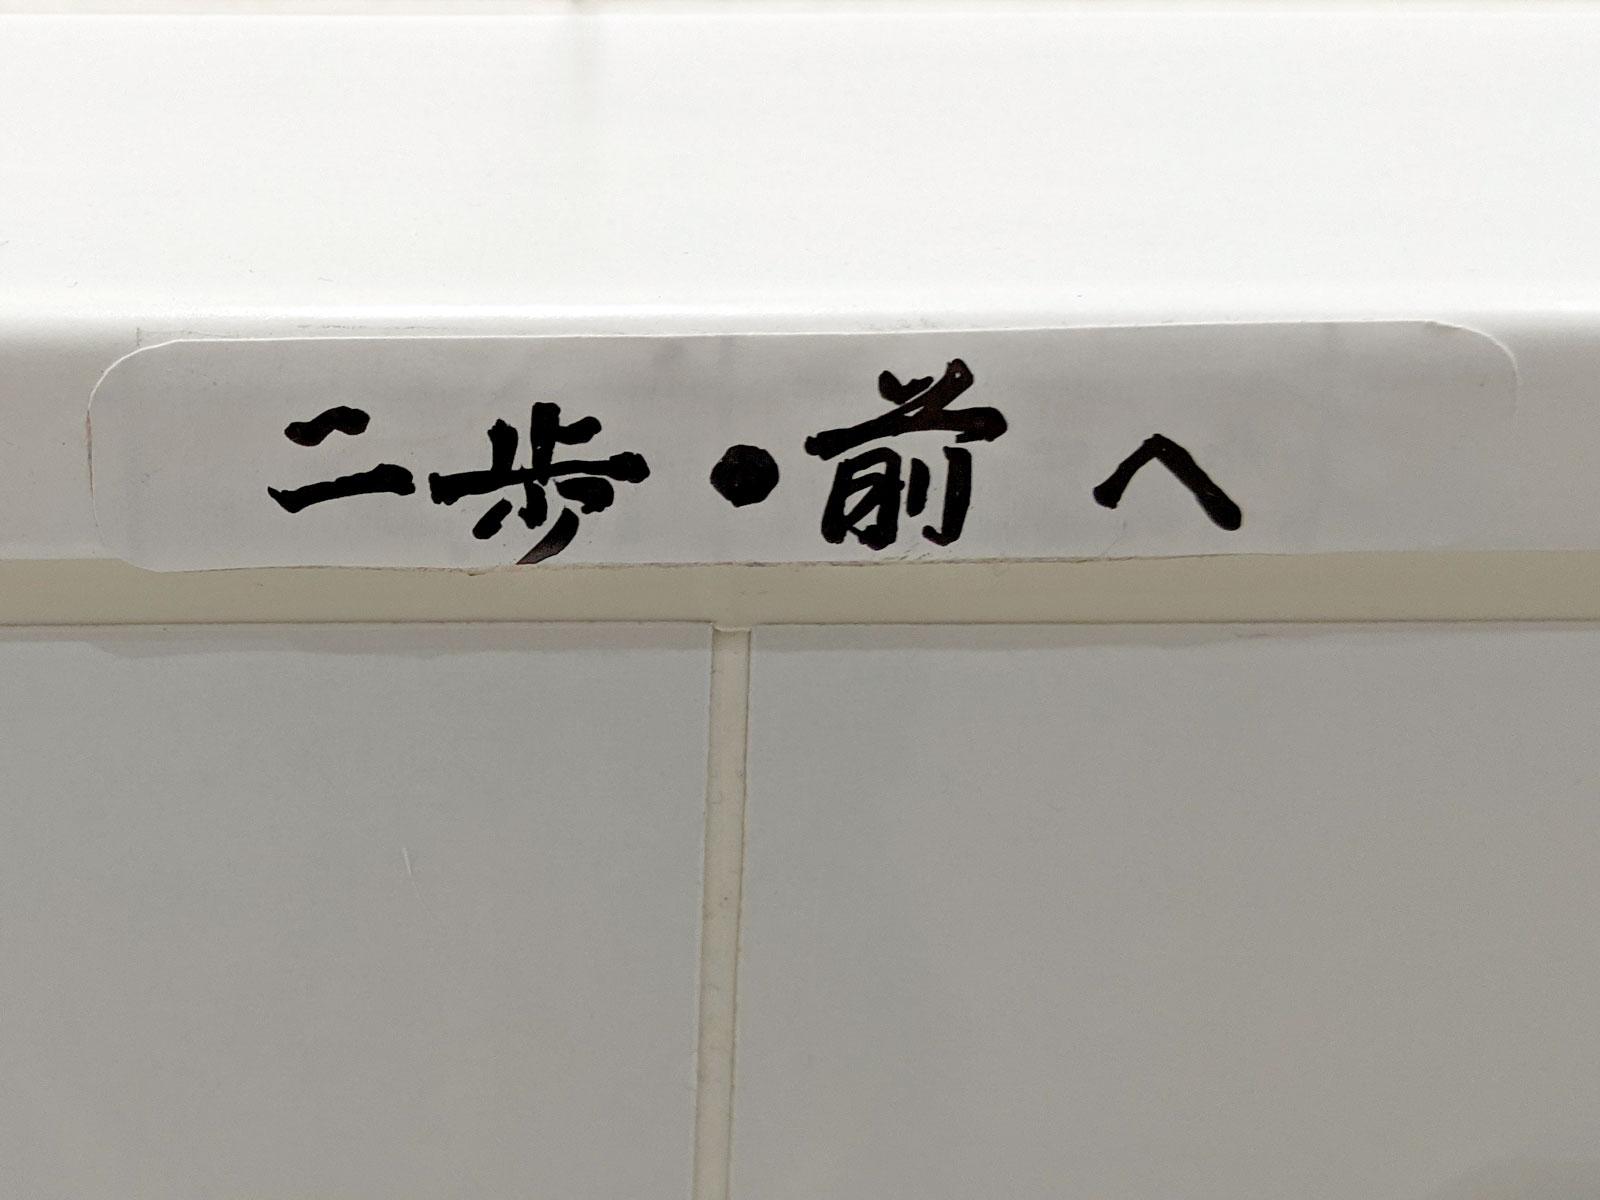 トイレ-二歩前へ:旅の暮らしで見つけたもの